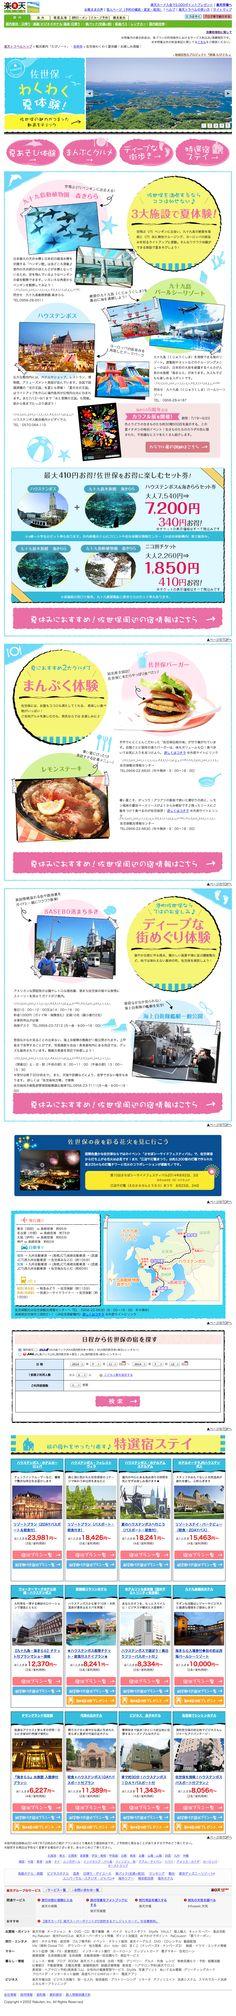 【旅頃】佐世保わくわく夏体験!お楽しみ満載!http://travel.rakuten.co.jp/movement/nagasaki/201407/